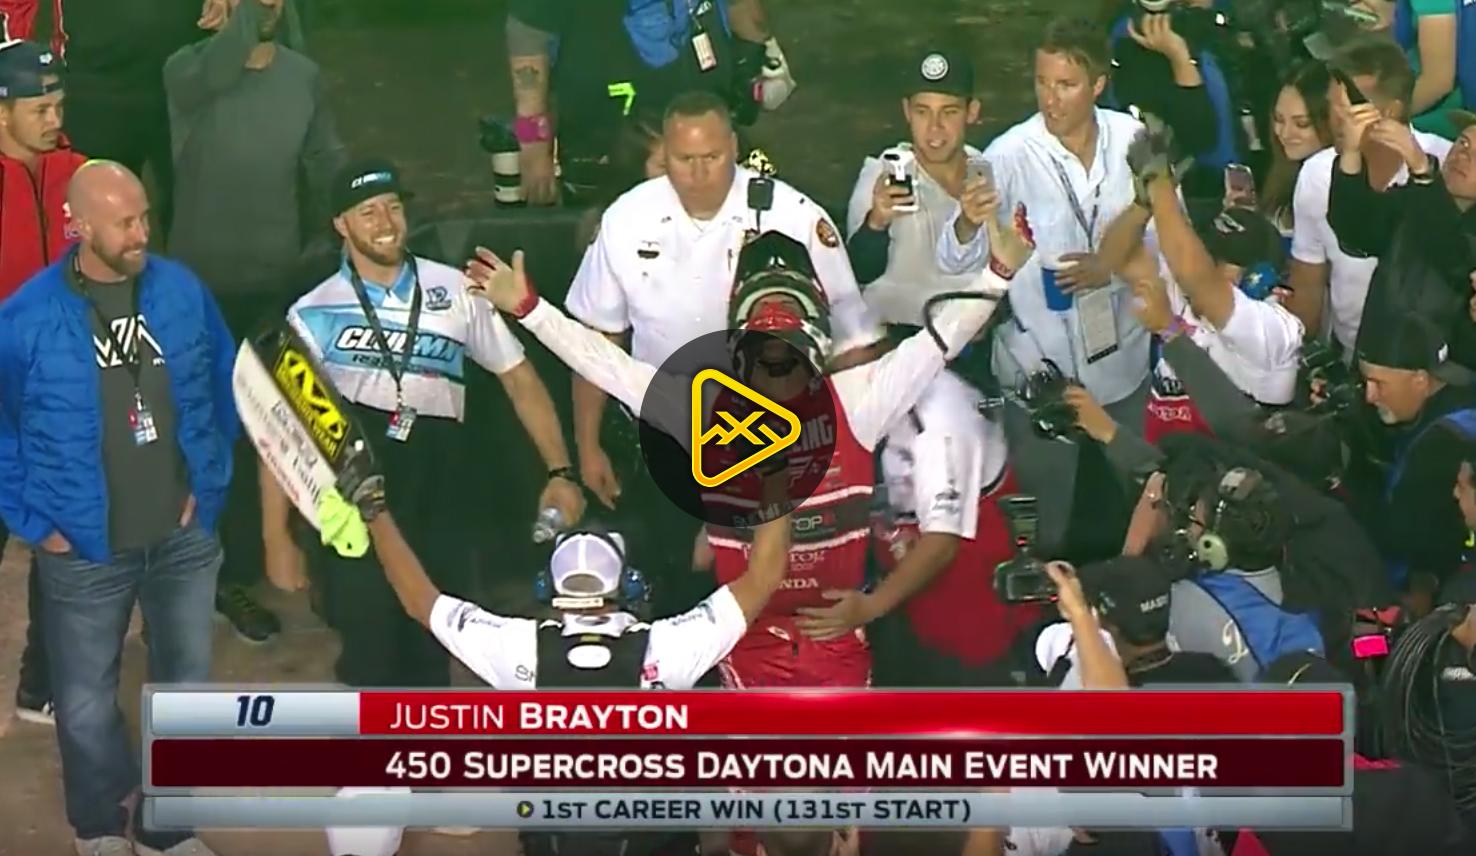 2018 Daytona SX Highlights